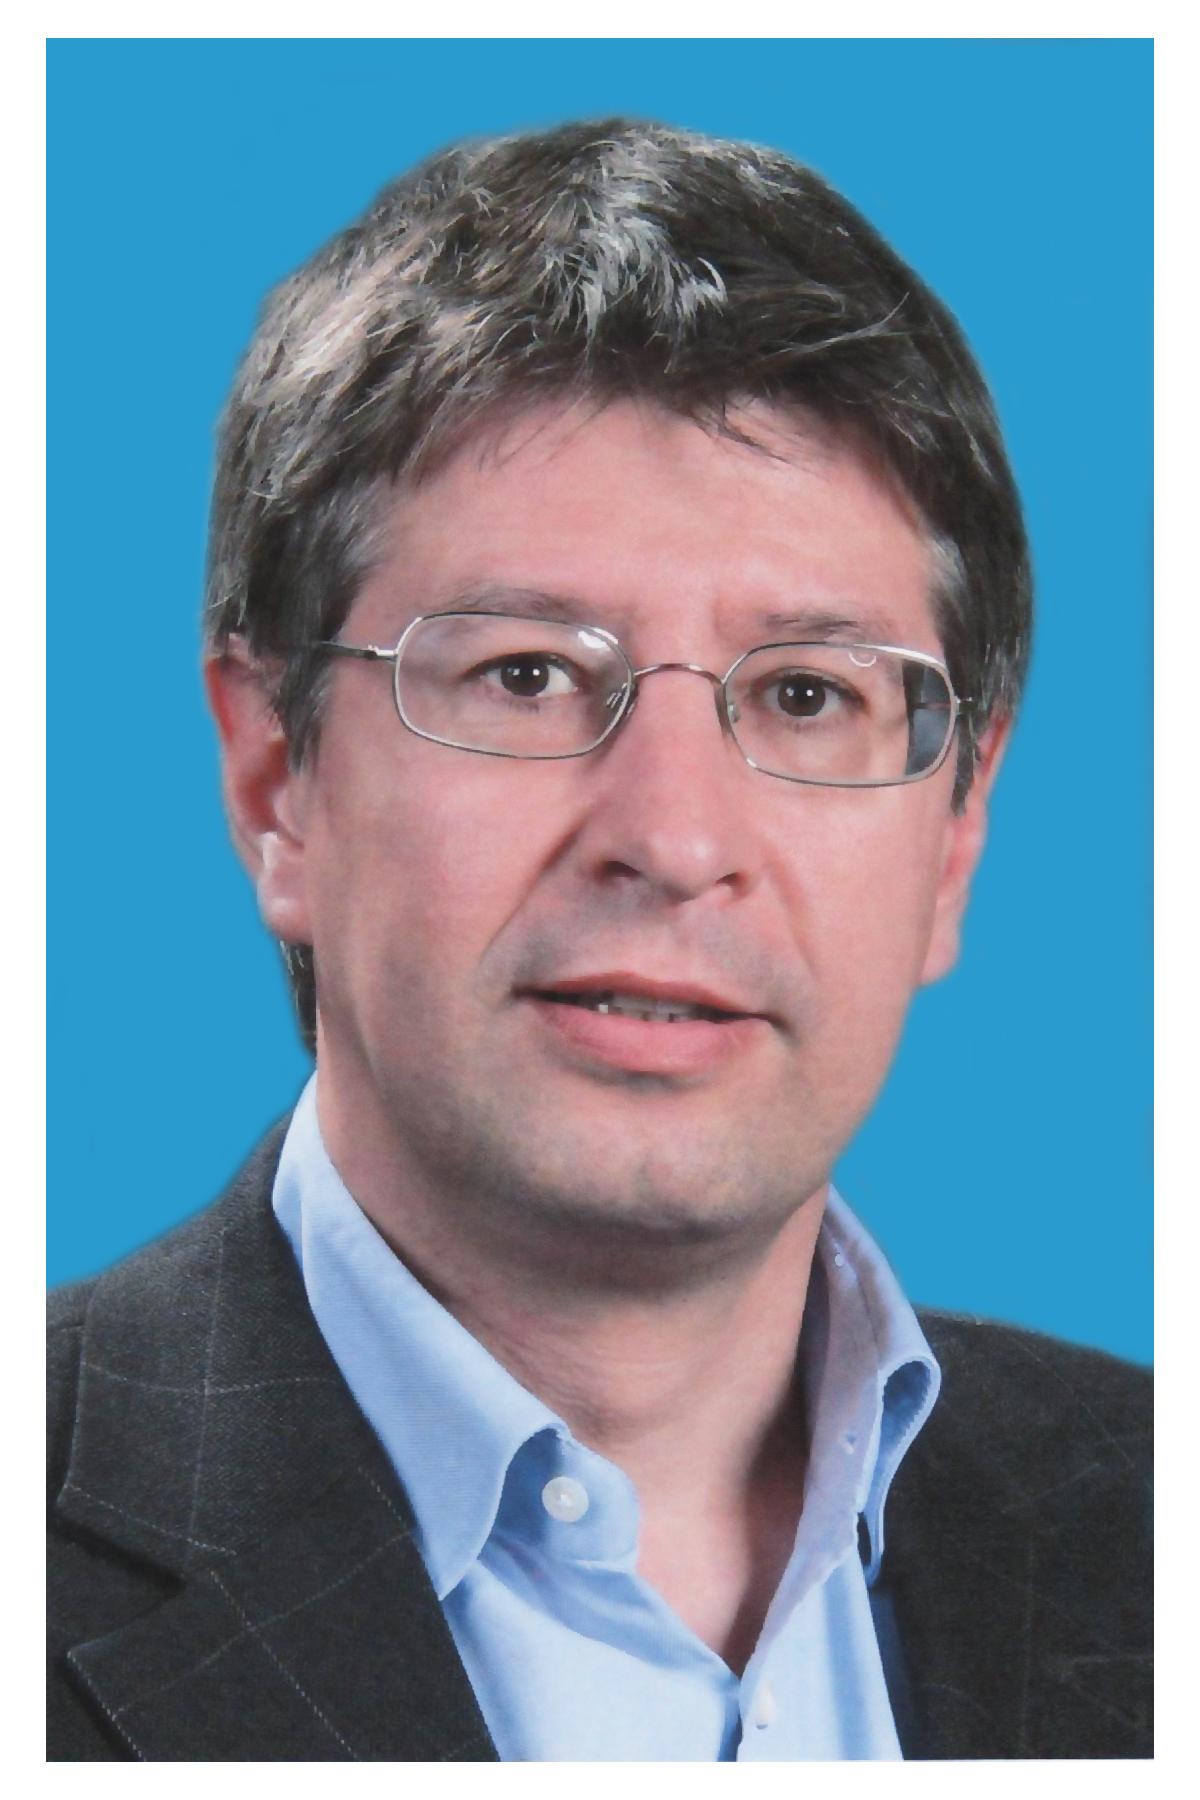 Peter Platteau, MD, FRCOG (London)